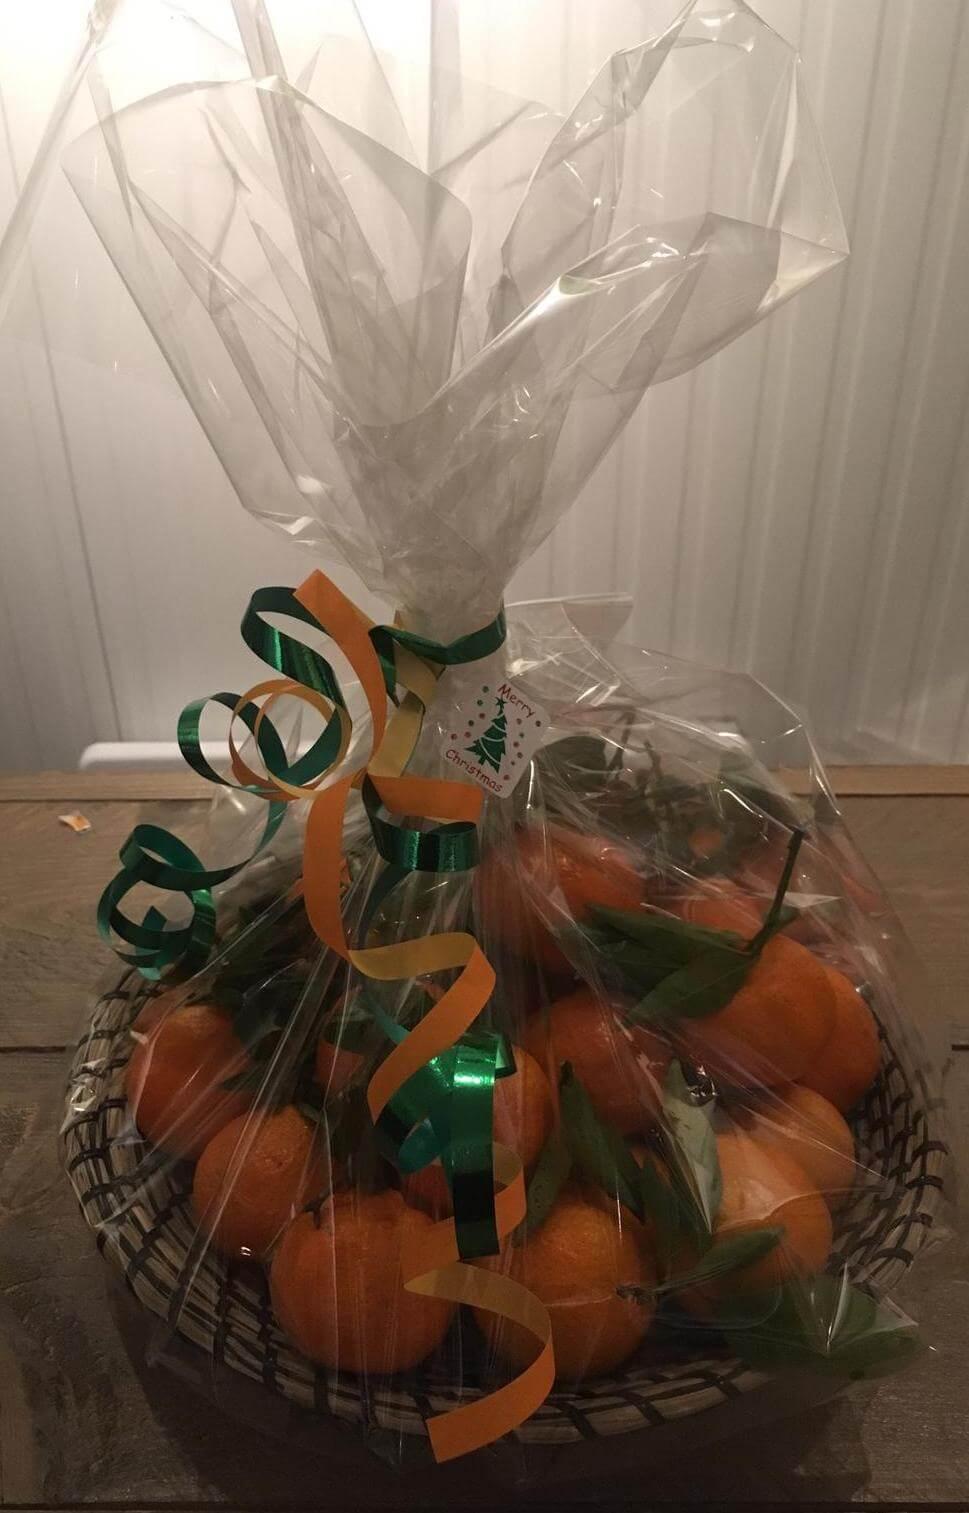 Fruitbedrijf Van den Berge mandarijnen